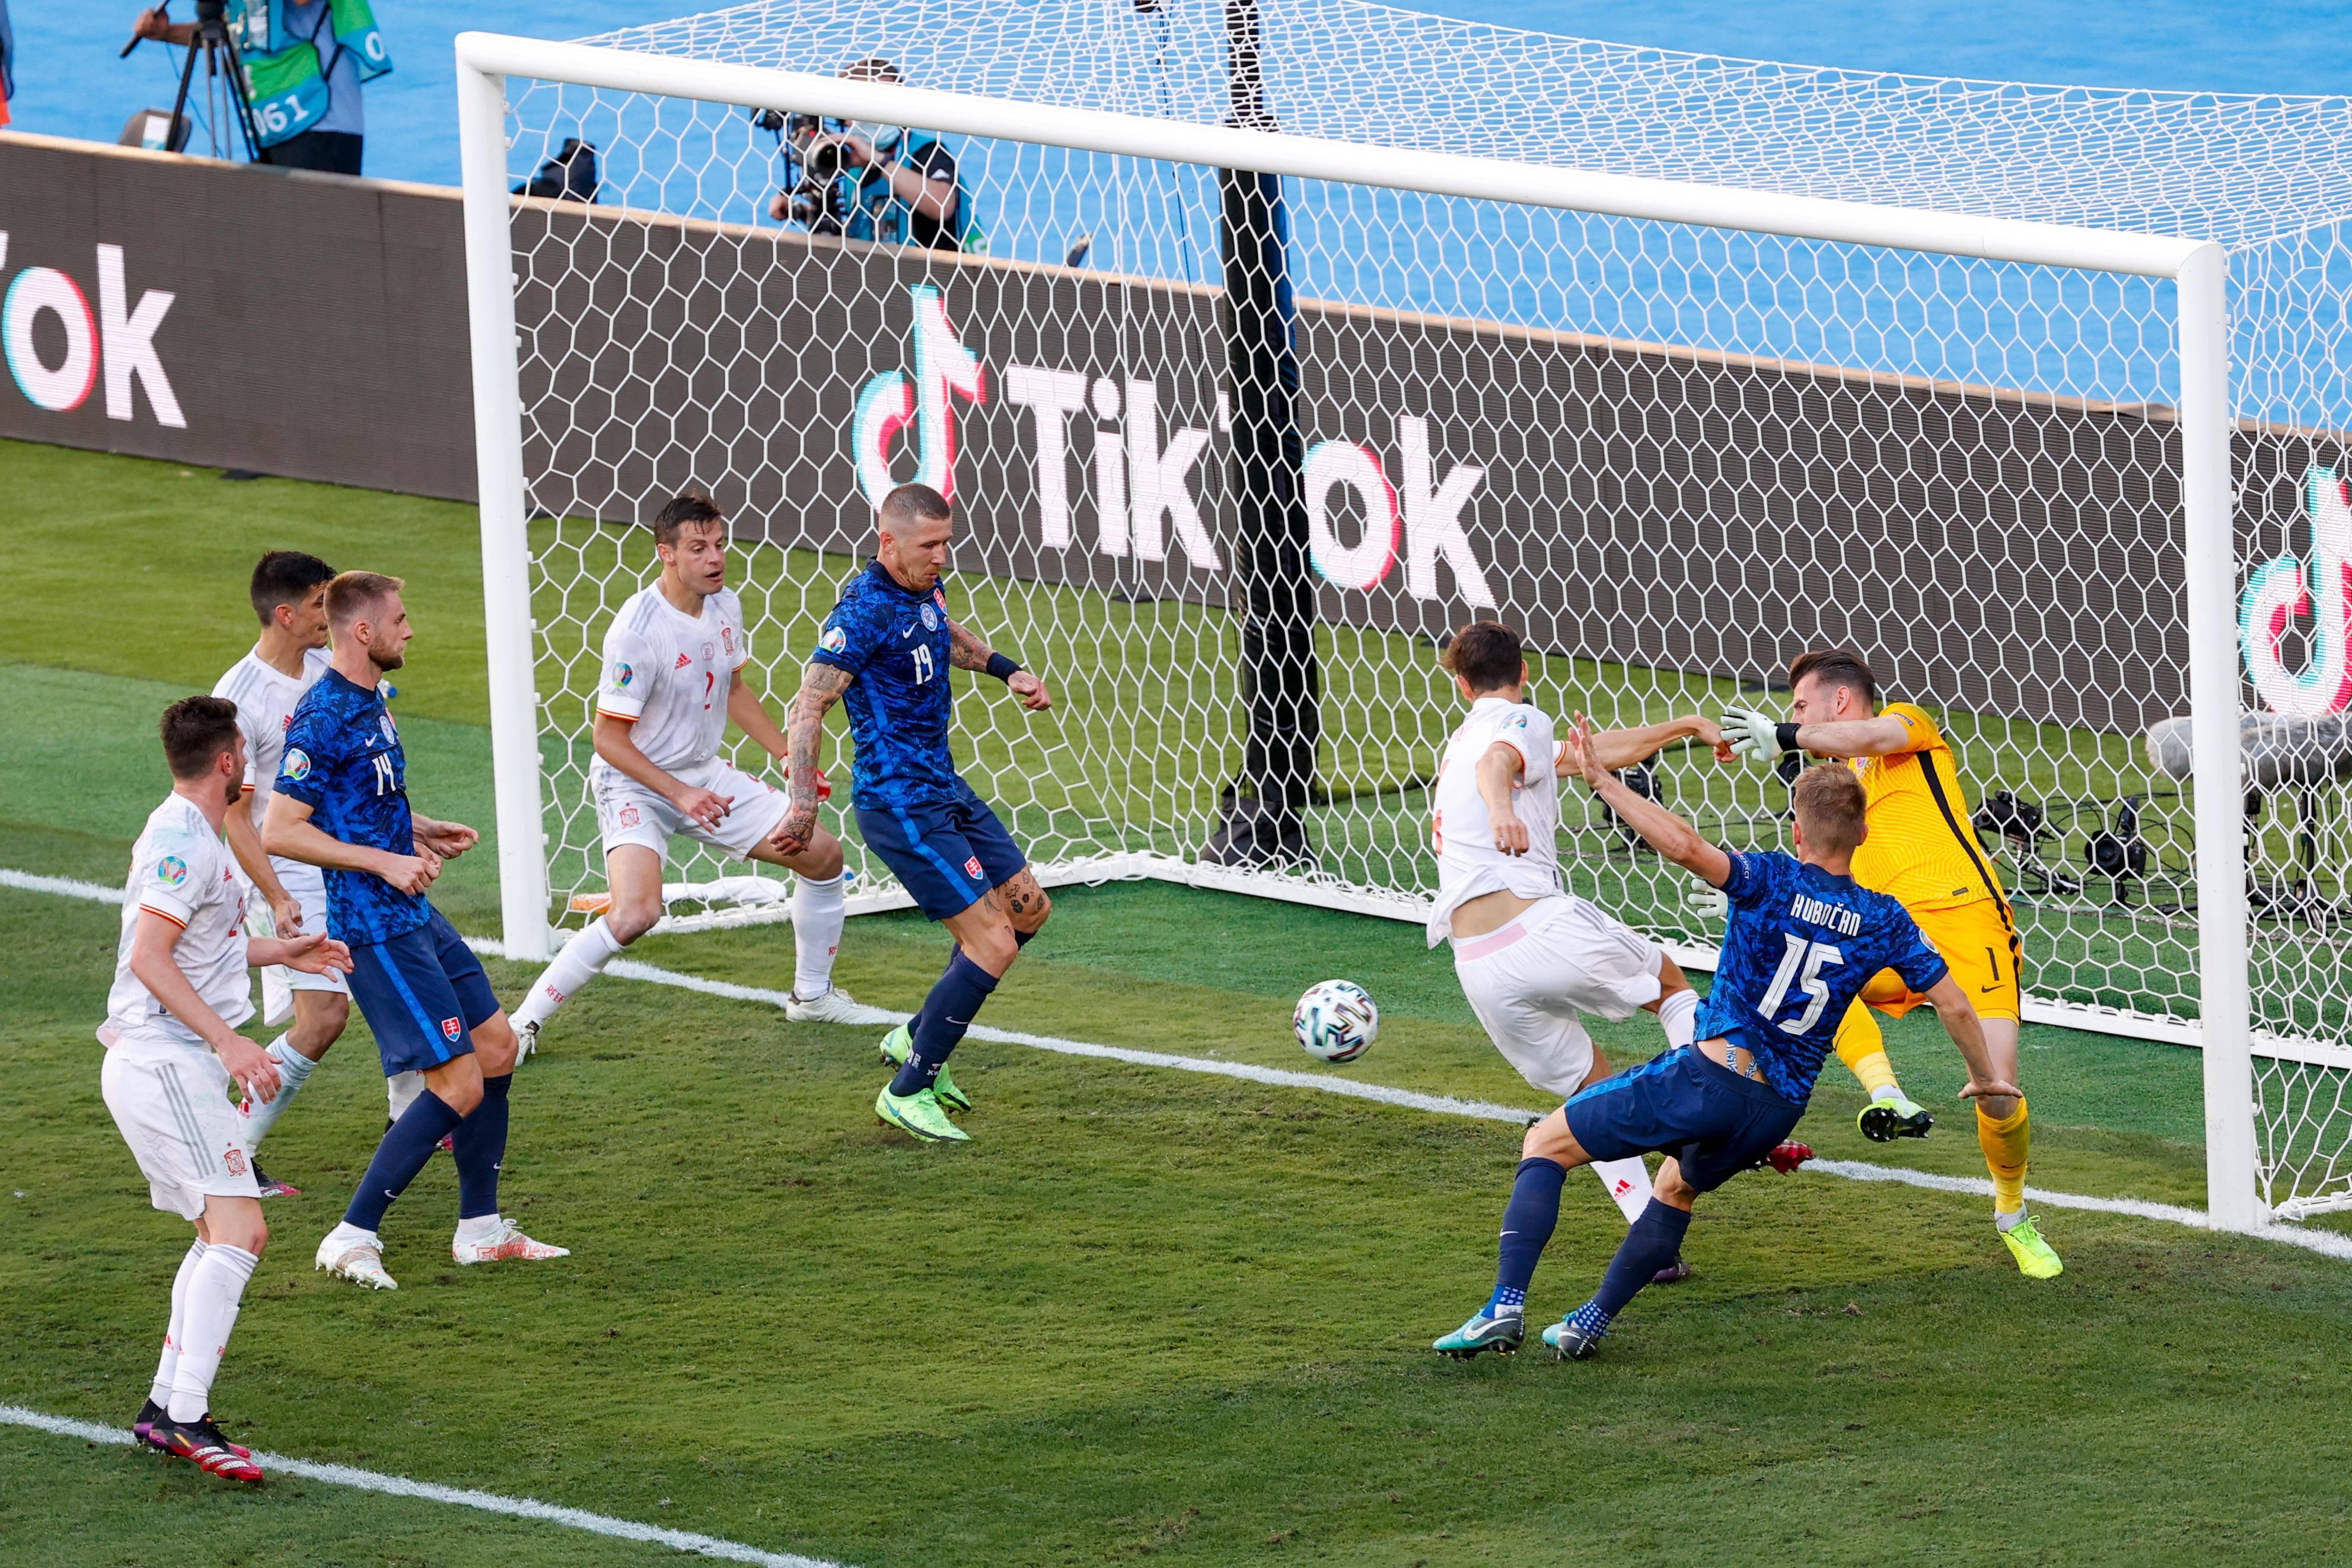 Oh no! Euro 2020 racking up own goals at a wild pace - News | Khaleej Times